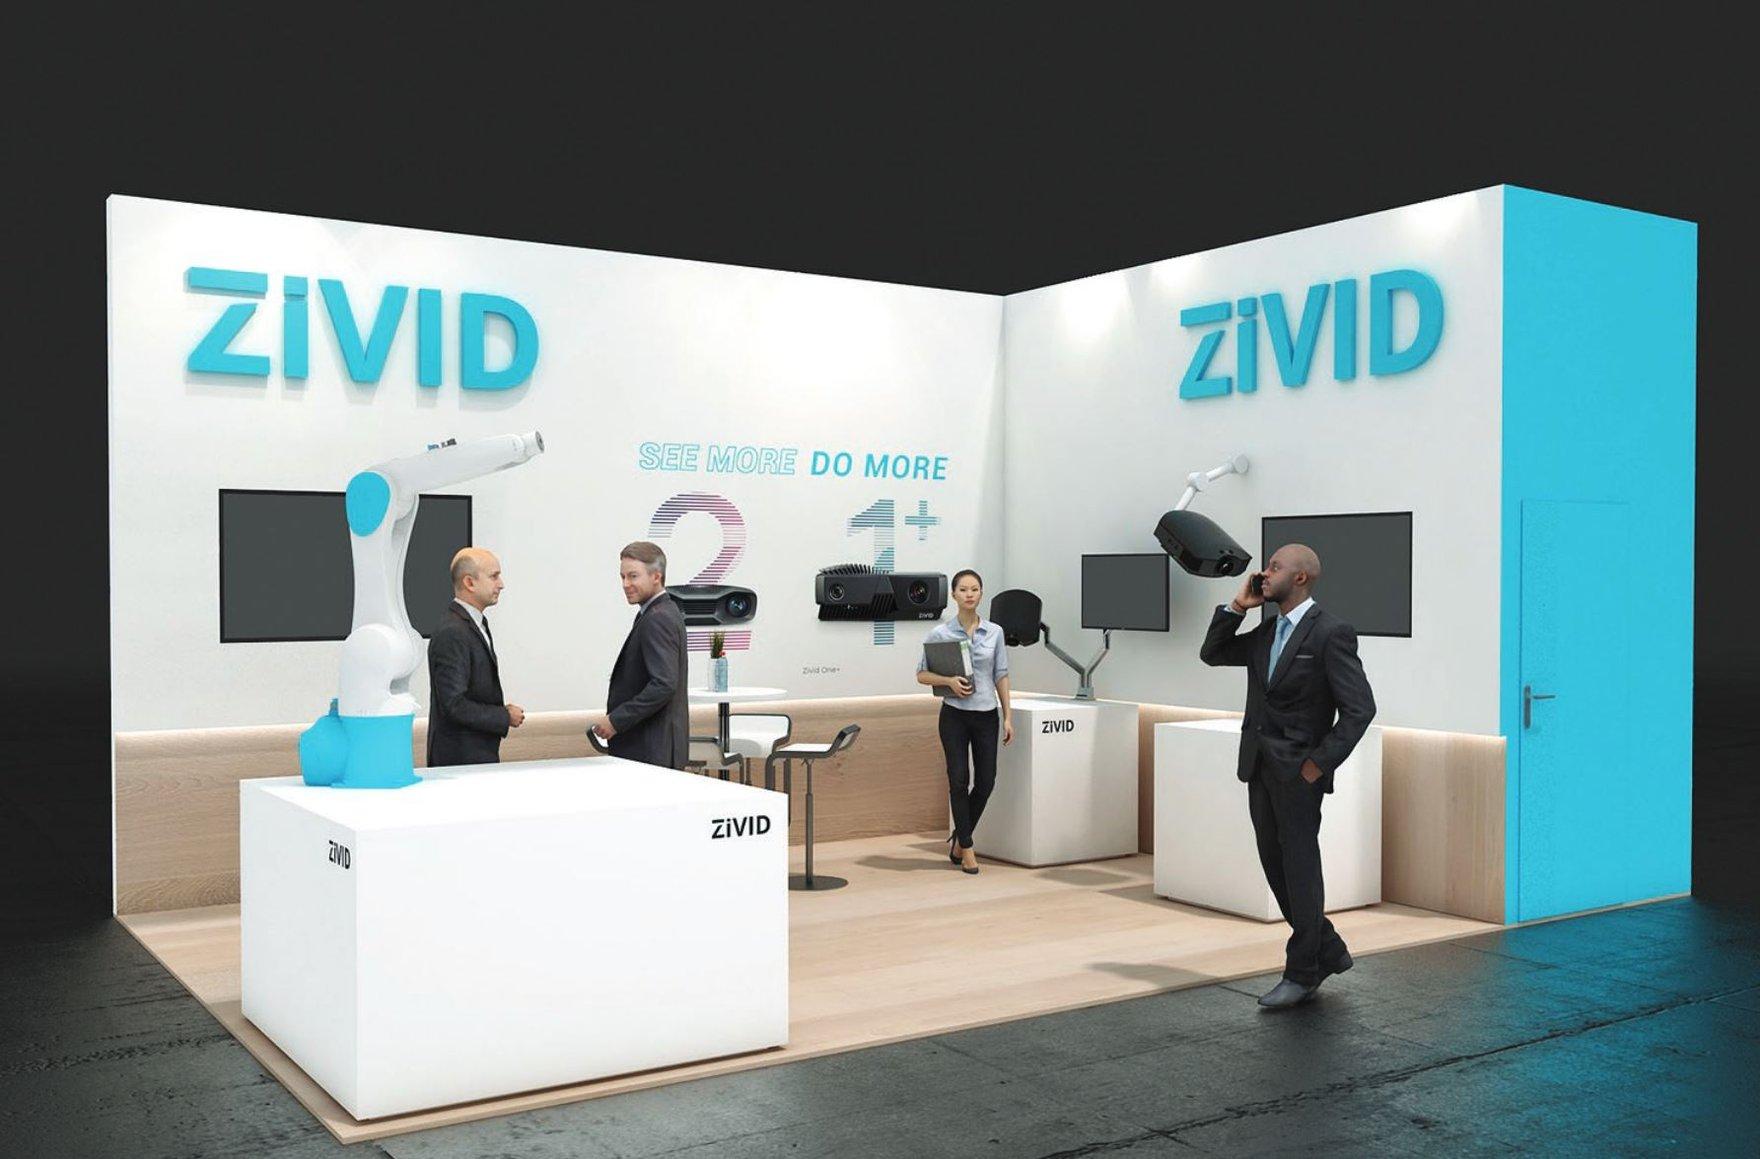 Zivid booth at Vision 2021